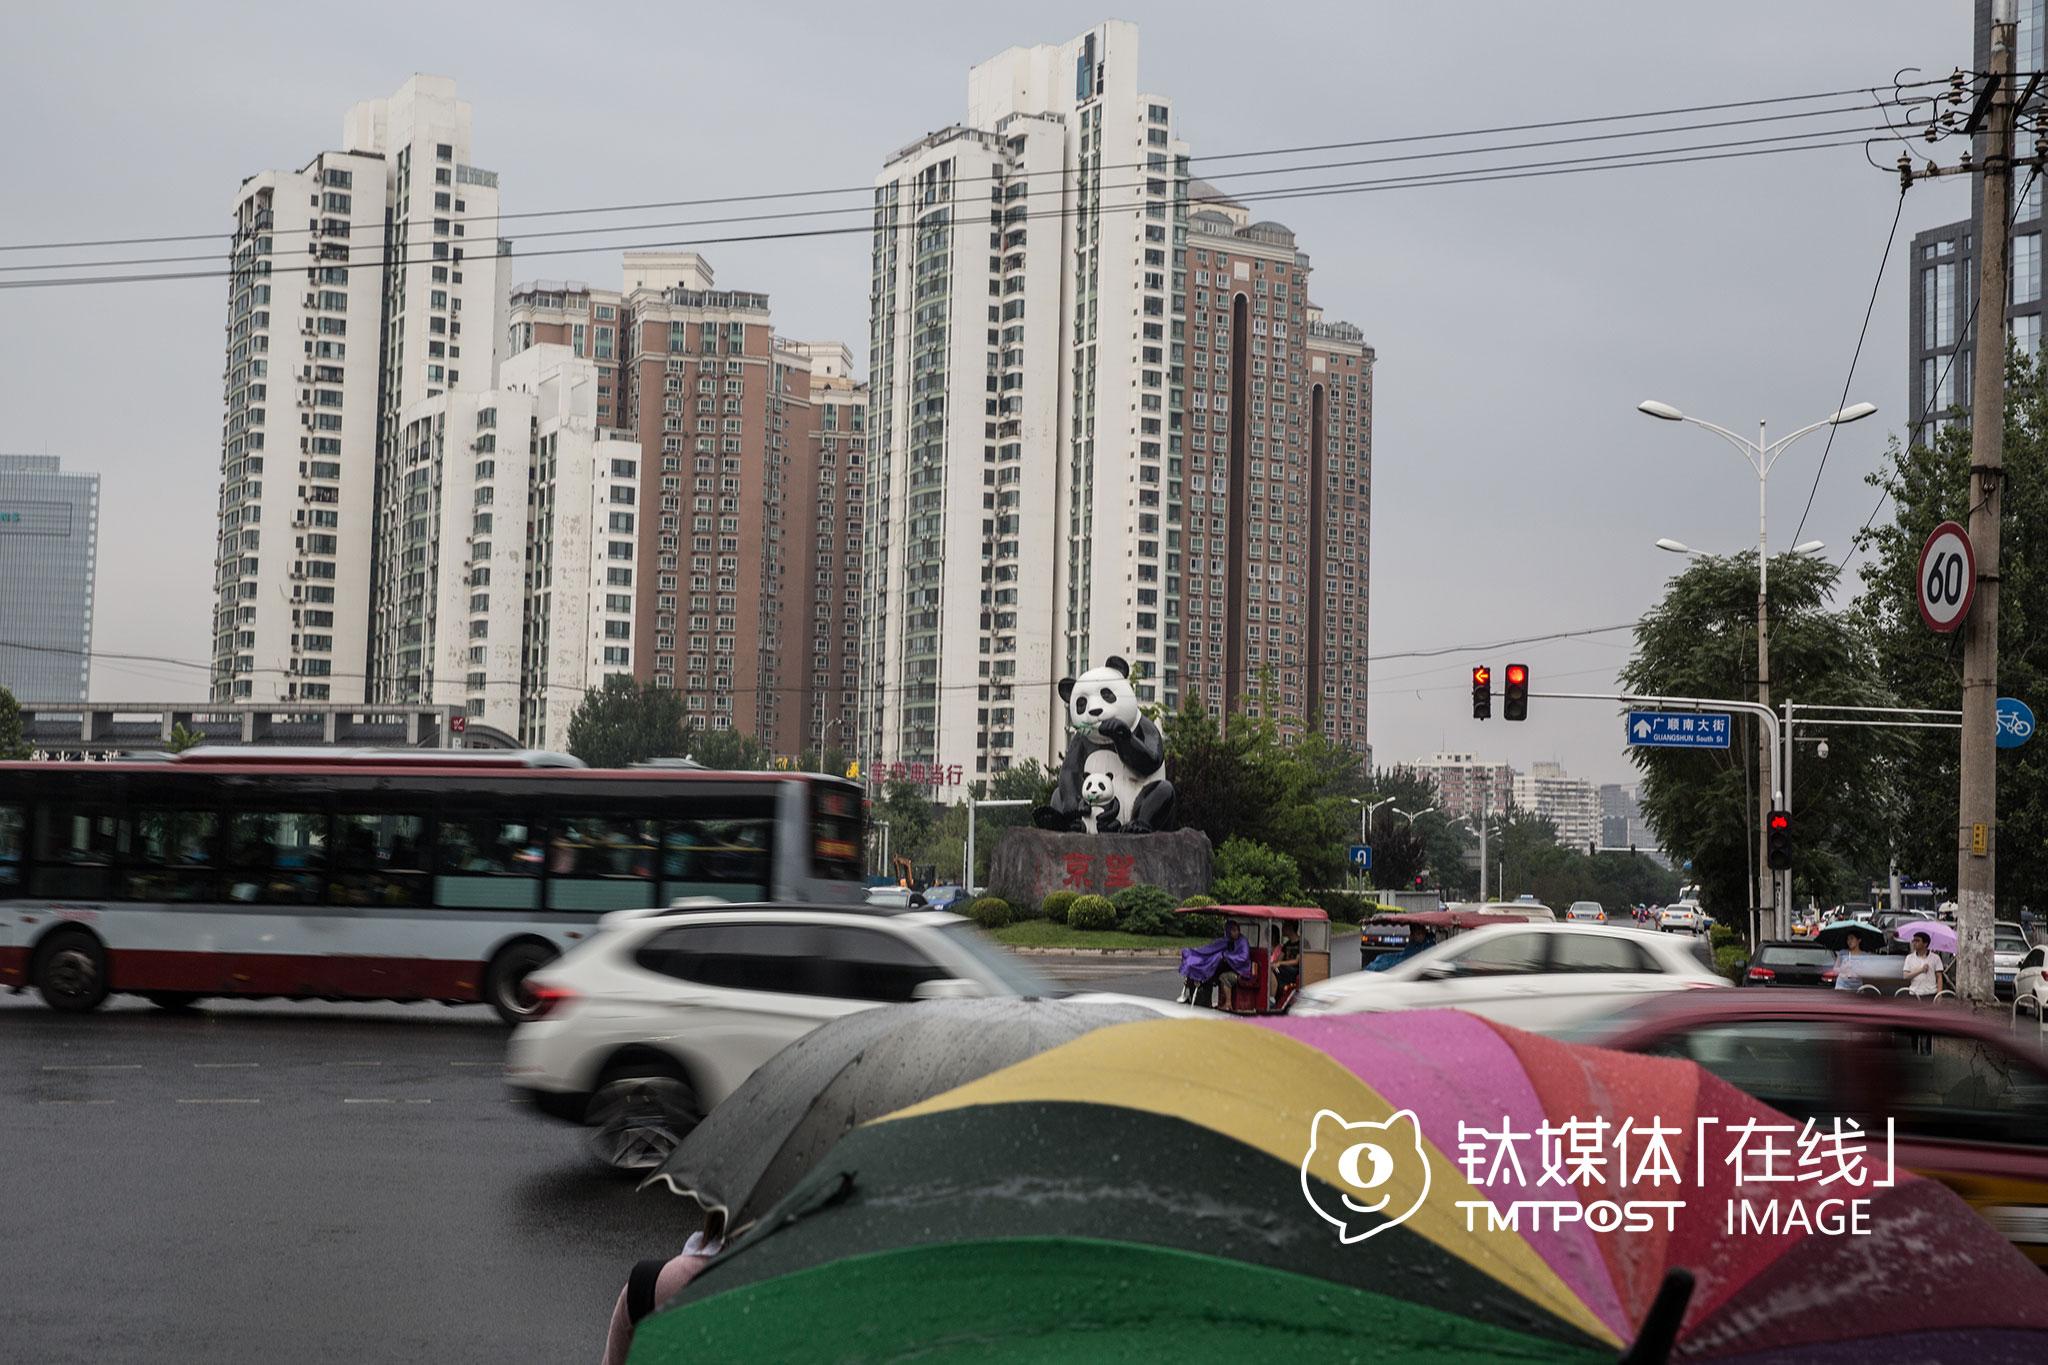 """落成于2012年的熊猫塑像,仍然是望京的地标,这里是望京的入口之一。其实这个地标还曾引起一场关于""""美和丑""""的争论,当时望京街道工作人员回应称:""""望京斜街多,地标考虑的主要是指路功能,熊猫形象比较通俗易懂,无论中国人还是外国人,对熊猫形象都有一定认识。""""不过有驾驶员表示,这两尊熊猫影响了局地交通,""""地标底座是一块高大的山石,不透光,前行经过底座区域时,左前方会出现盲区,有安全隐患""""。"""